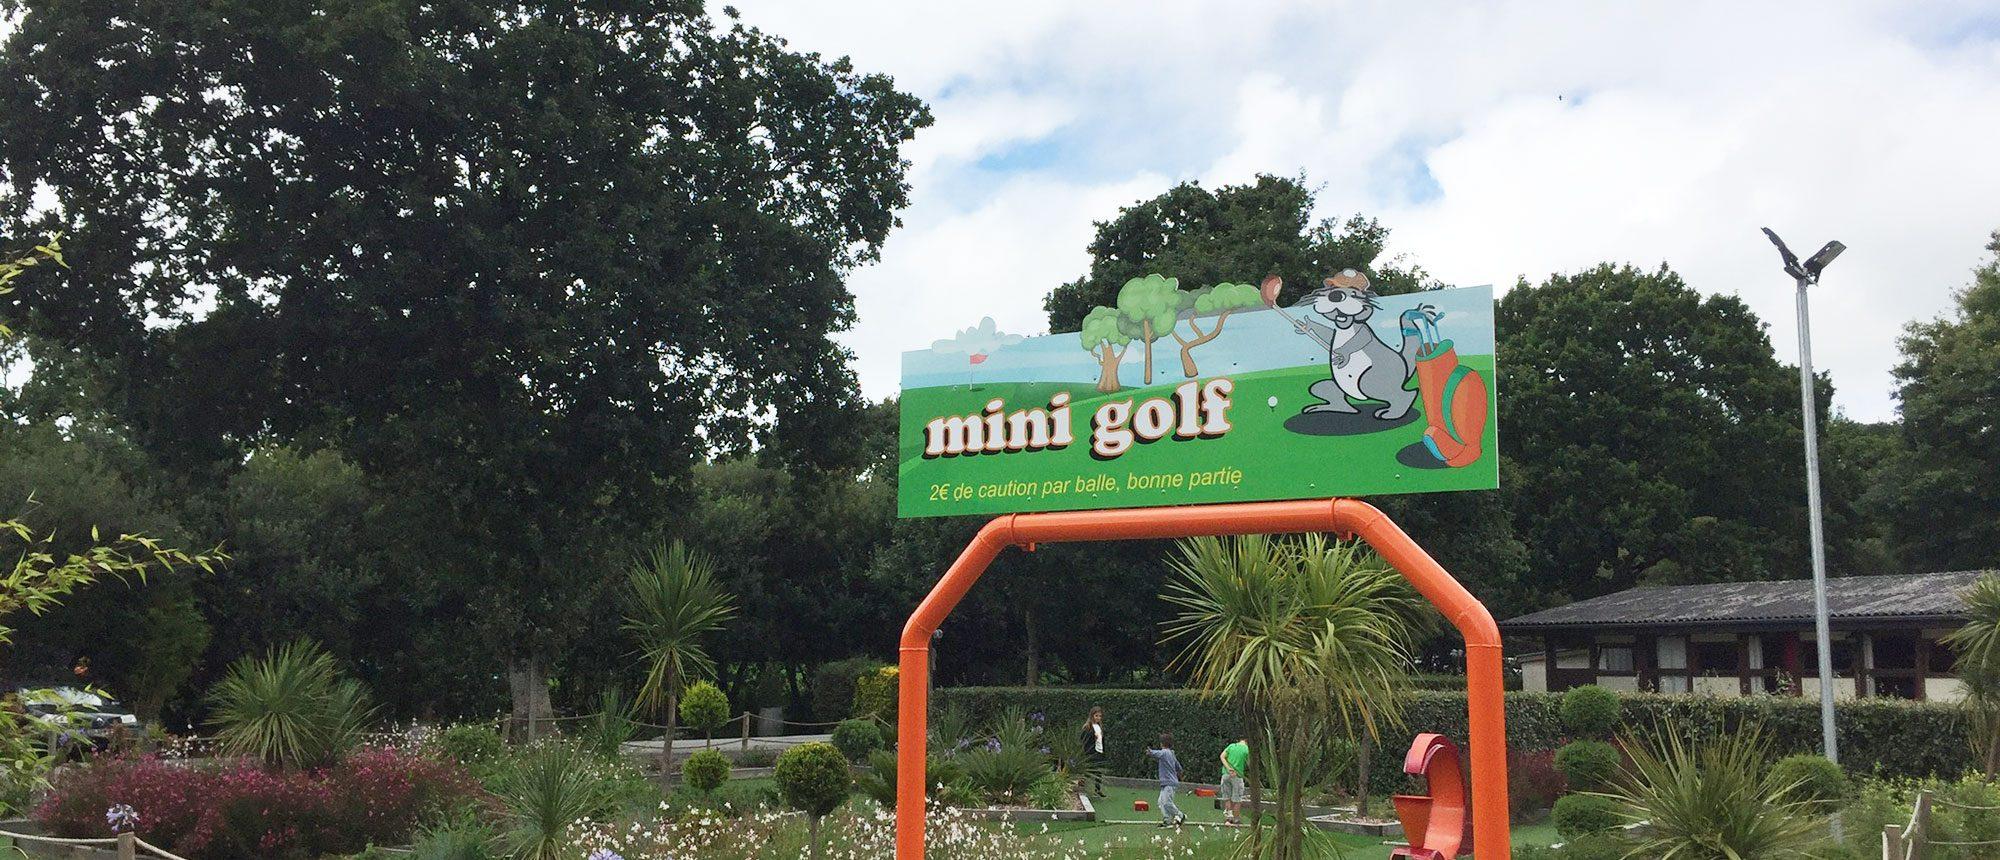 mini golf camping à proximité du parc de la récré